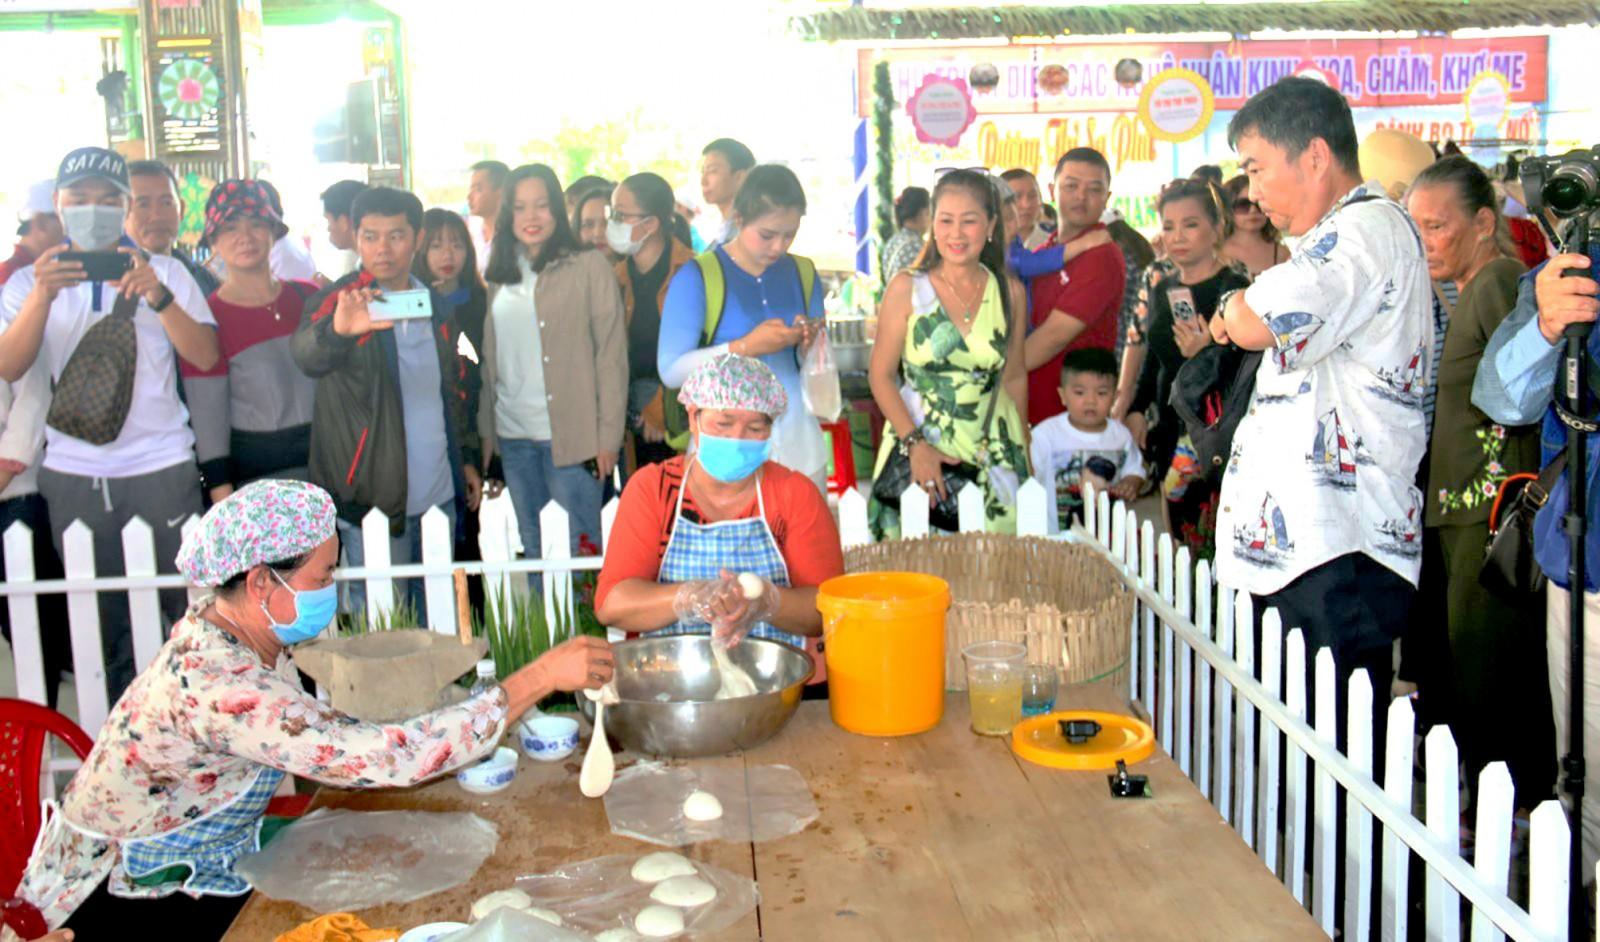 Nghệ nhân đến từ tỉnh Bến Tre trình diễn cán bánh phồng Sơn Đốc - nghề truyền thống là Di sản Văn hóa phi vật thể cấp quốc gia, thu hút rất đông khách đến xem.